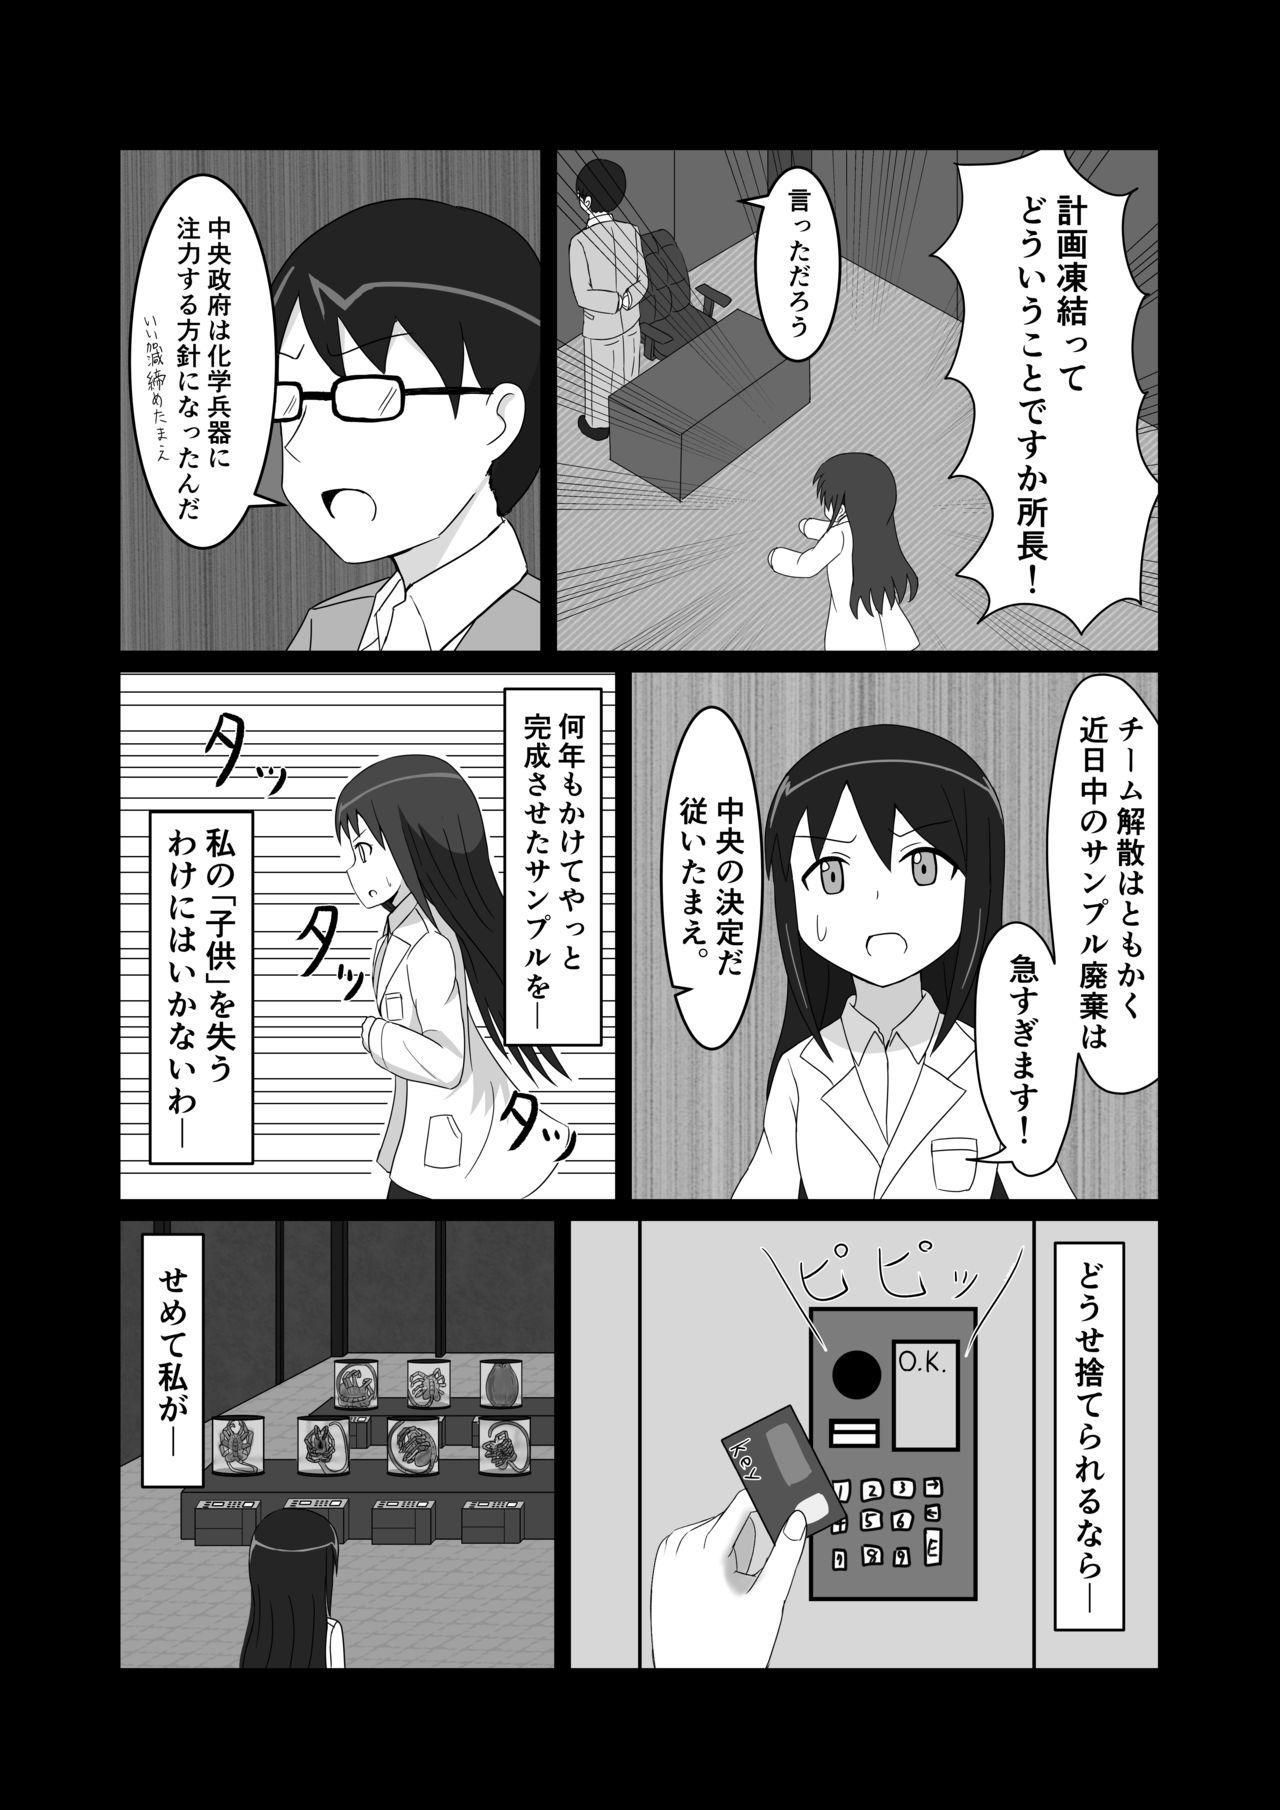 Watashi no Kenkyuu Seika 4